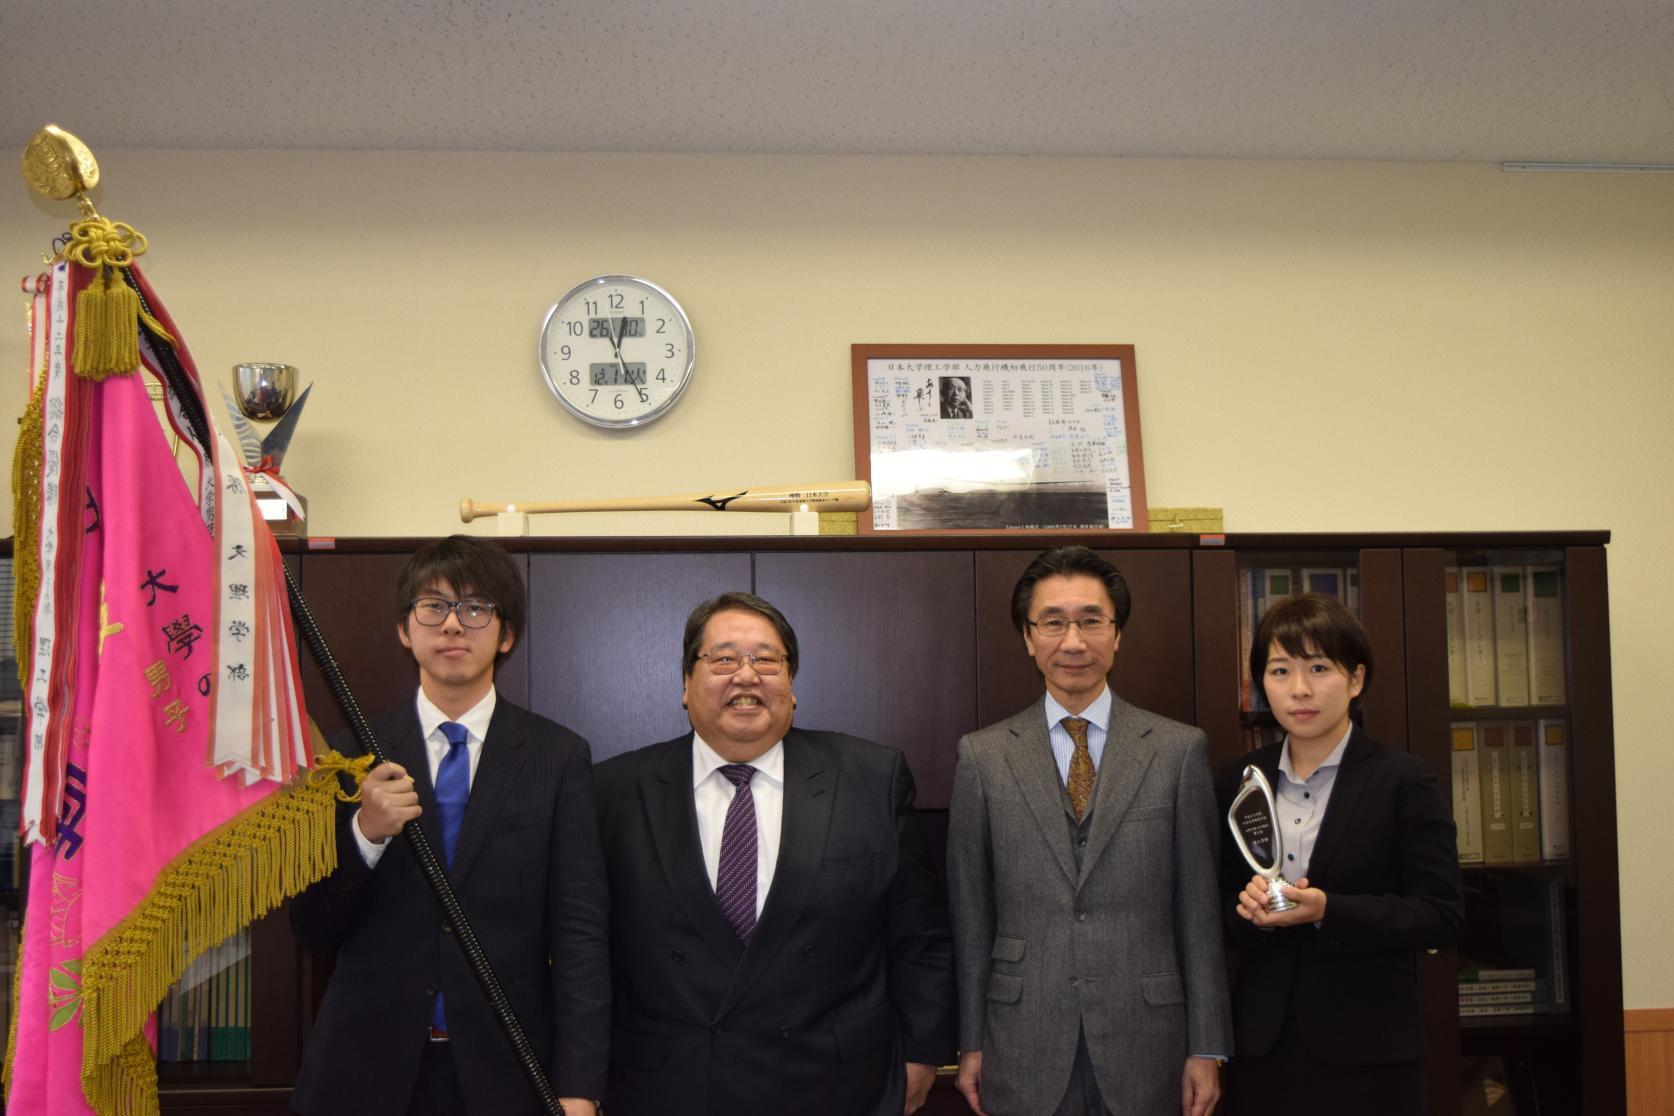 日本大学体育大会で理工学部が2年連続で男子総合優勝・女子総合第2位となりました。